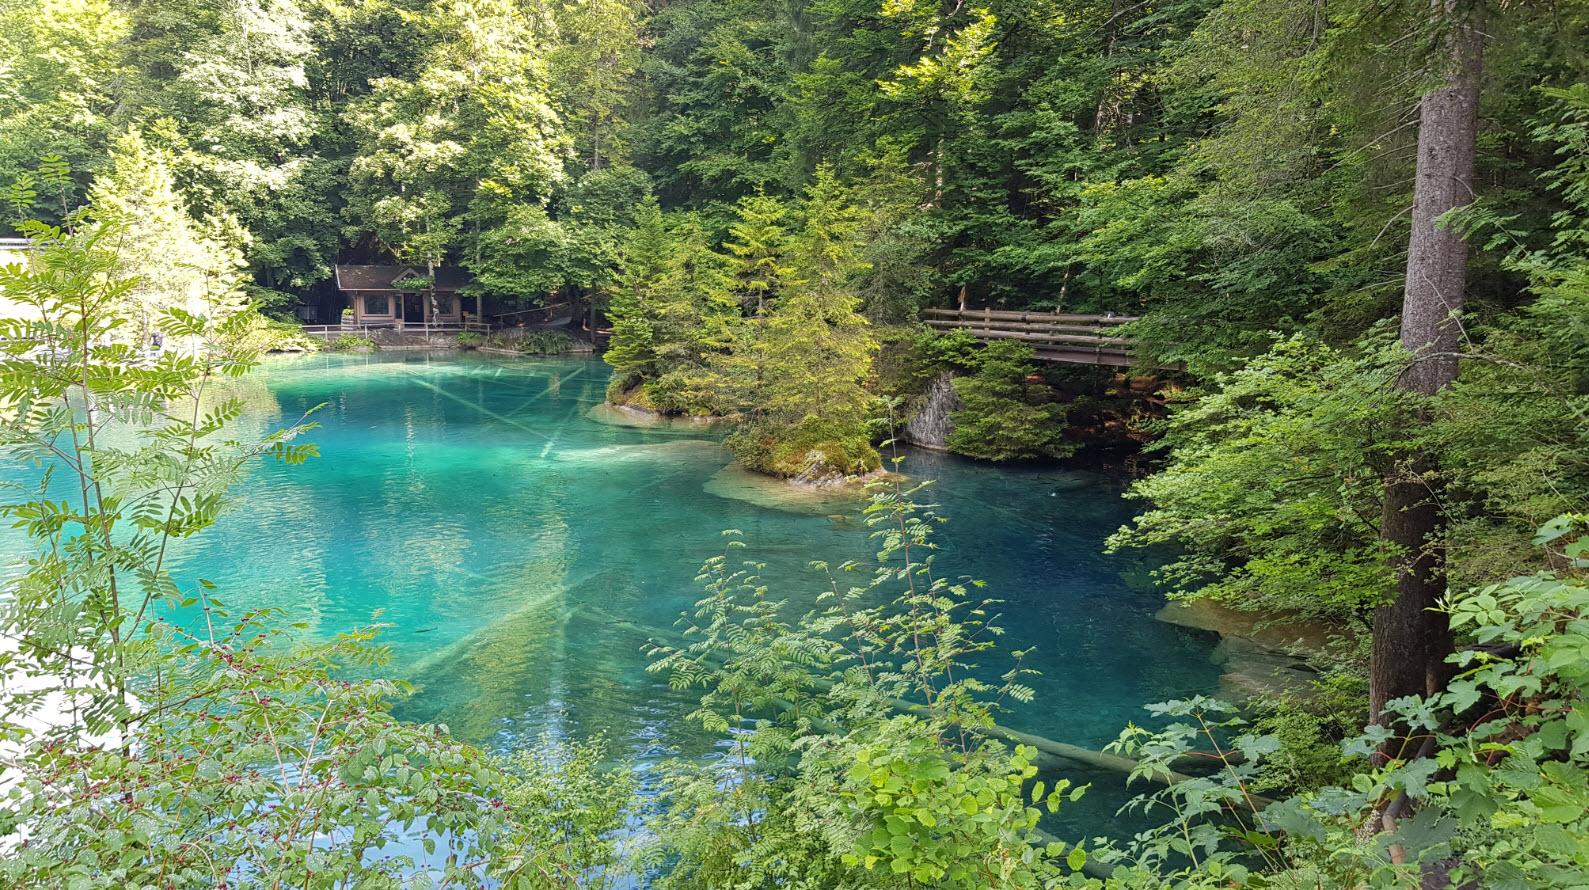 Blausee plus beaux lacs de Suisse